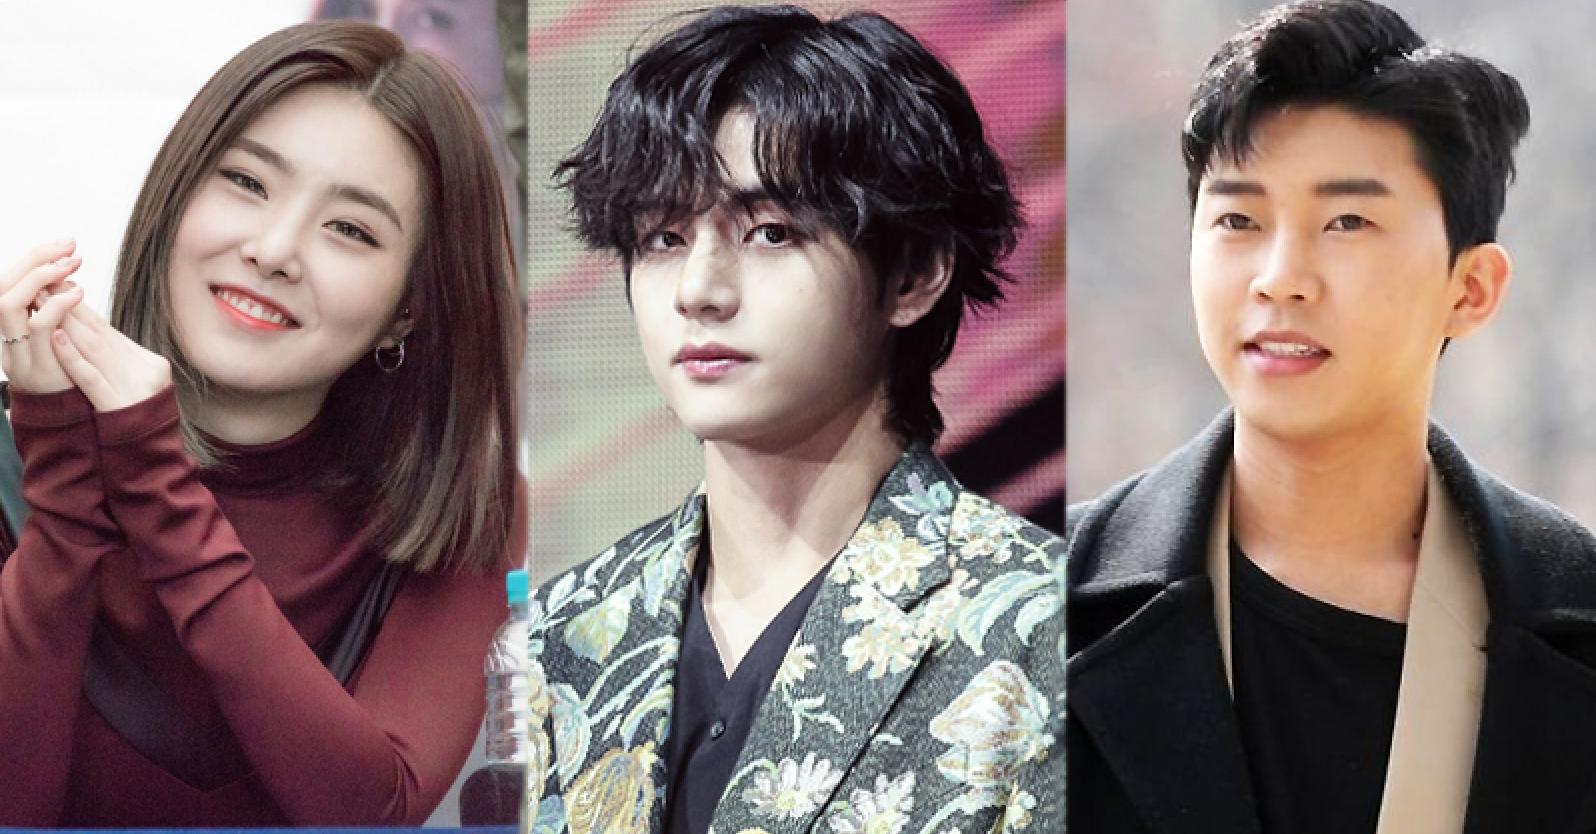 Korean Singers Brand Reputation Rankings for July 2021 Revealed